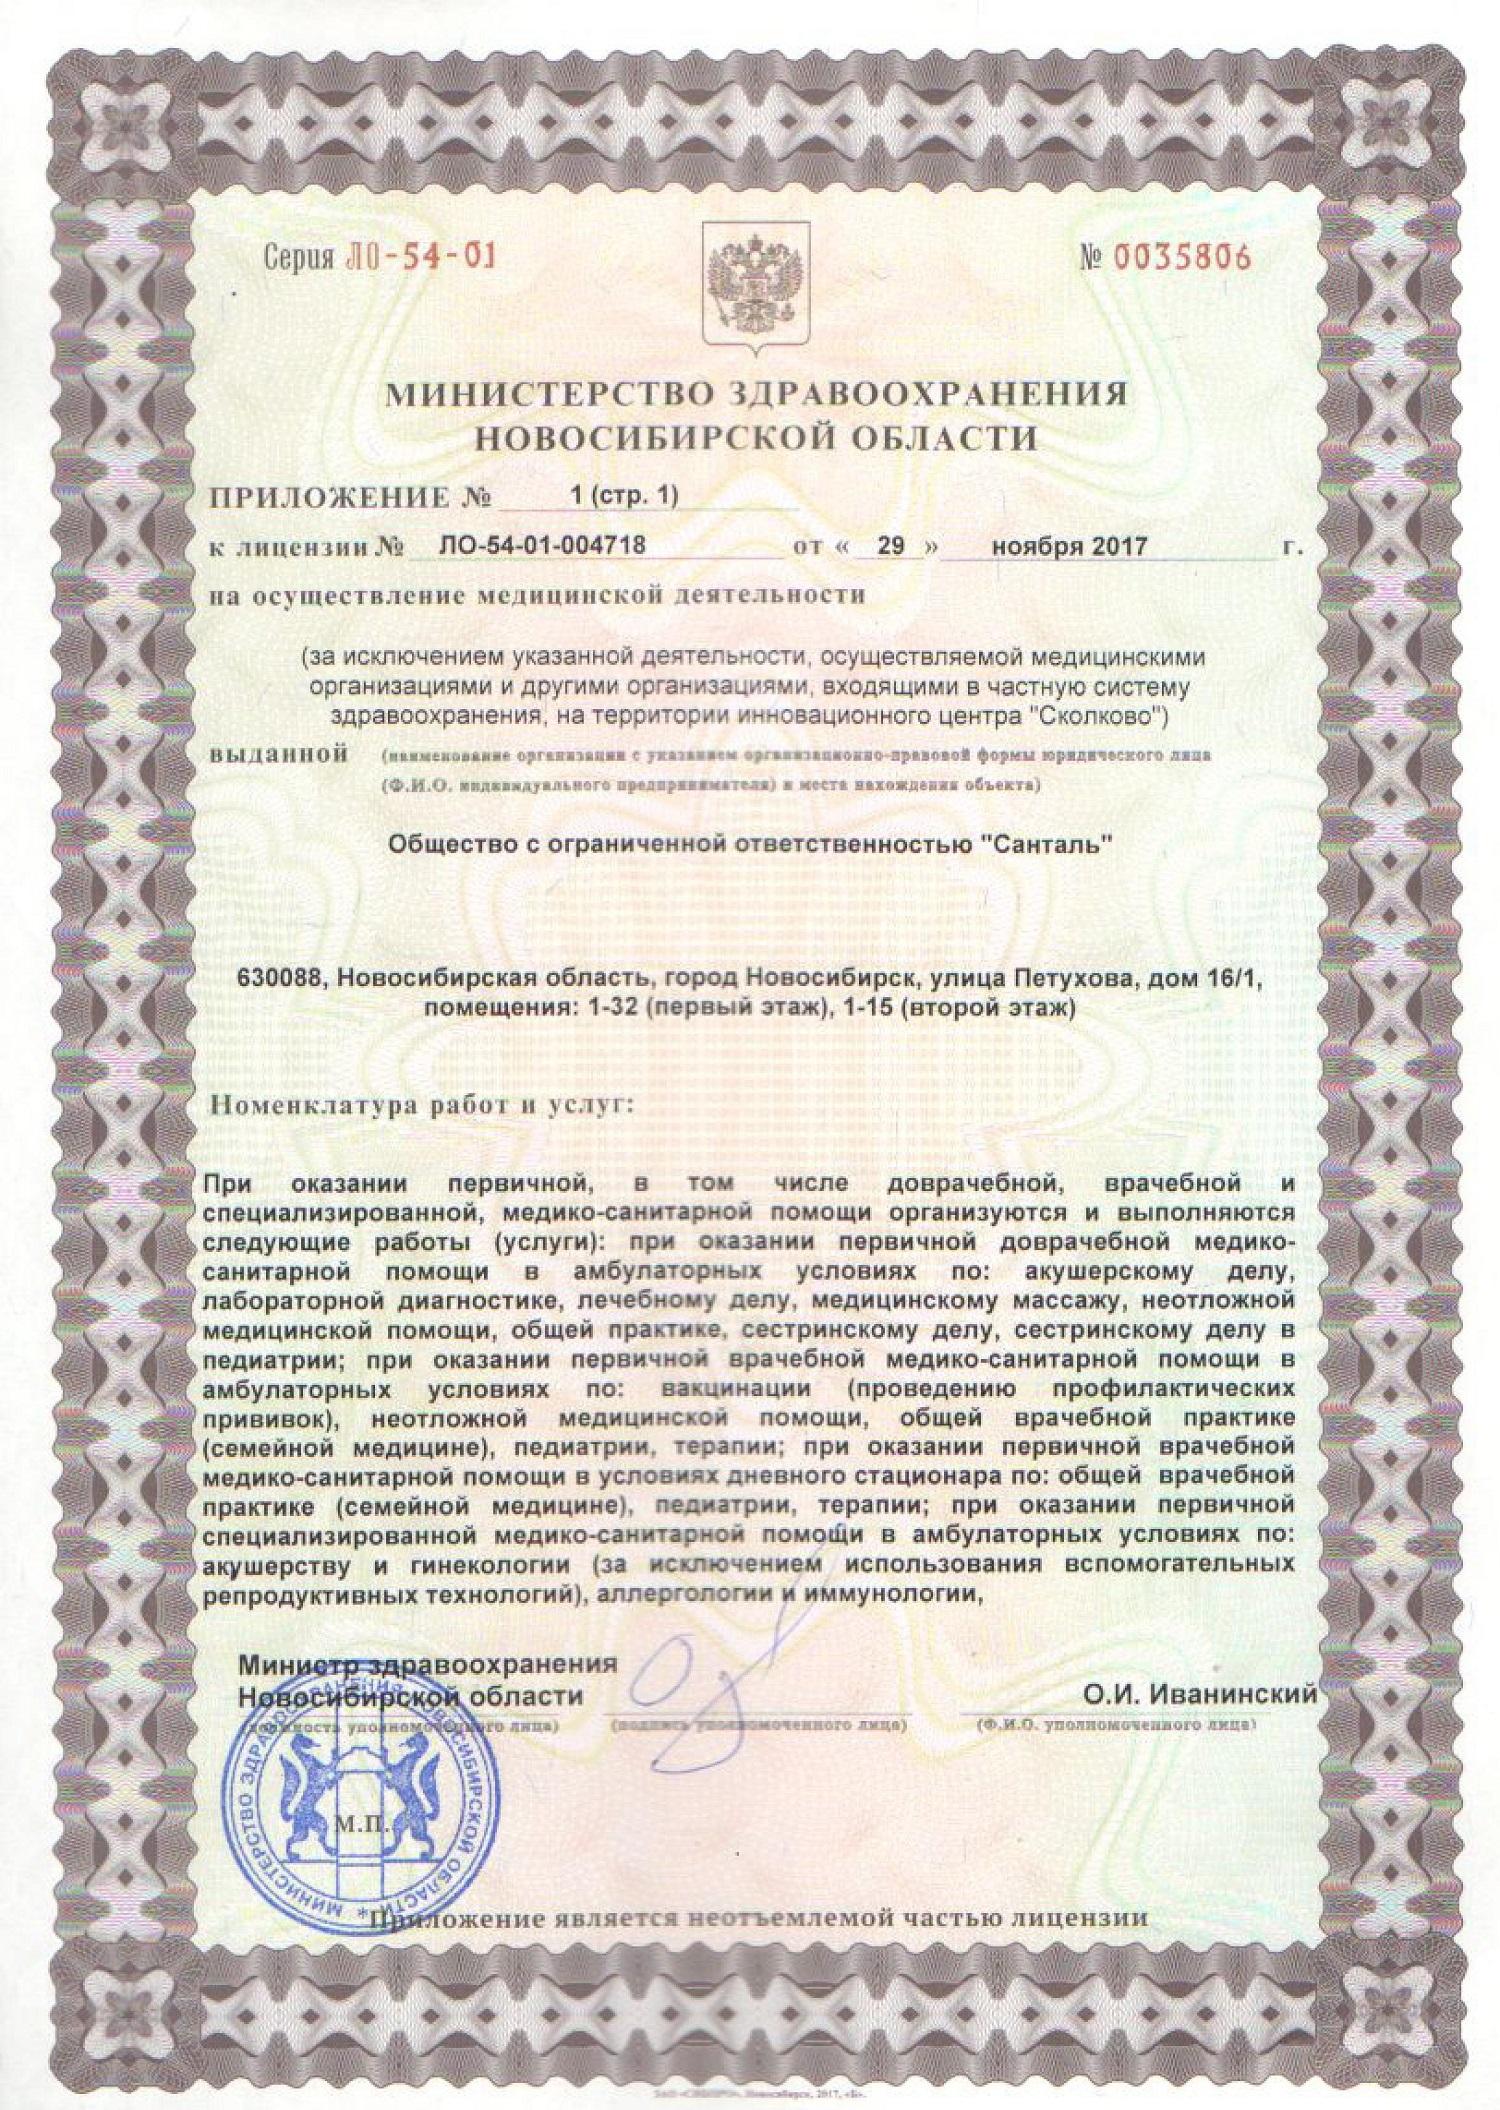 Лицензия на осуществление медицинской деятельности клиники Санталь в Новосибирске